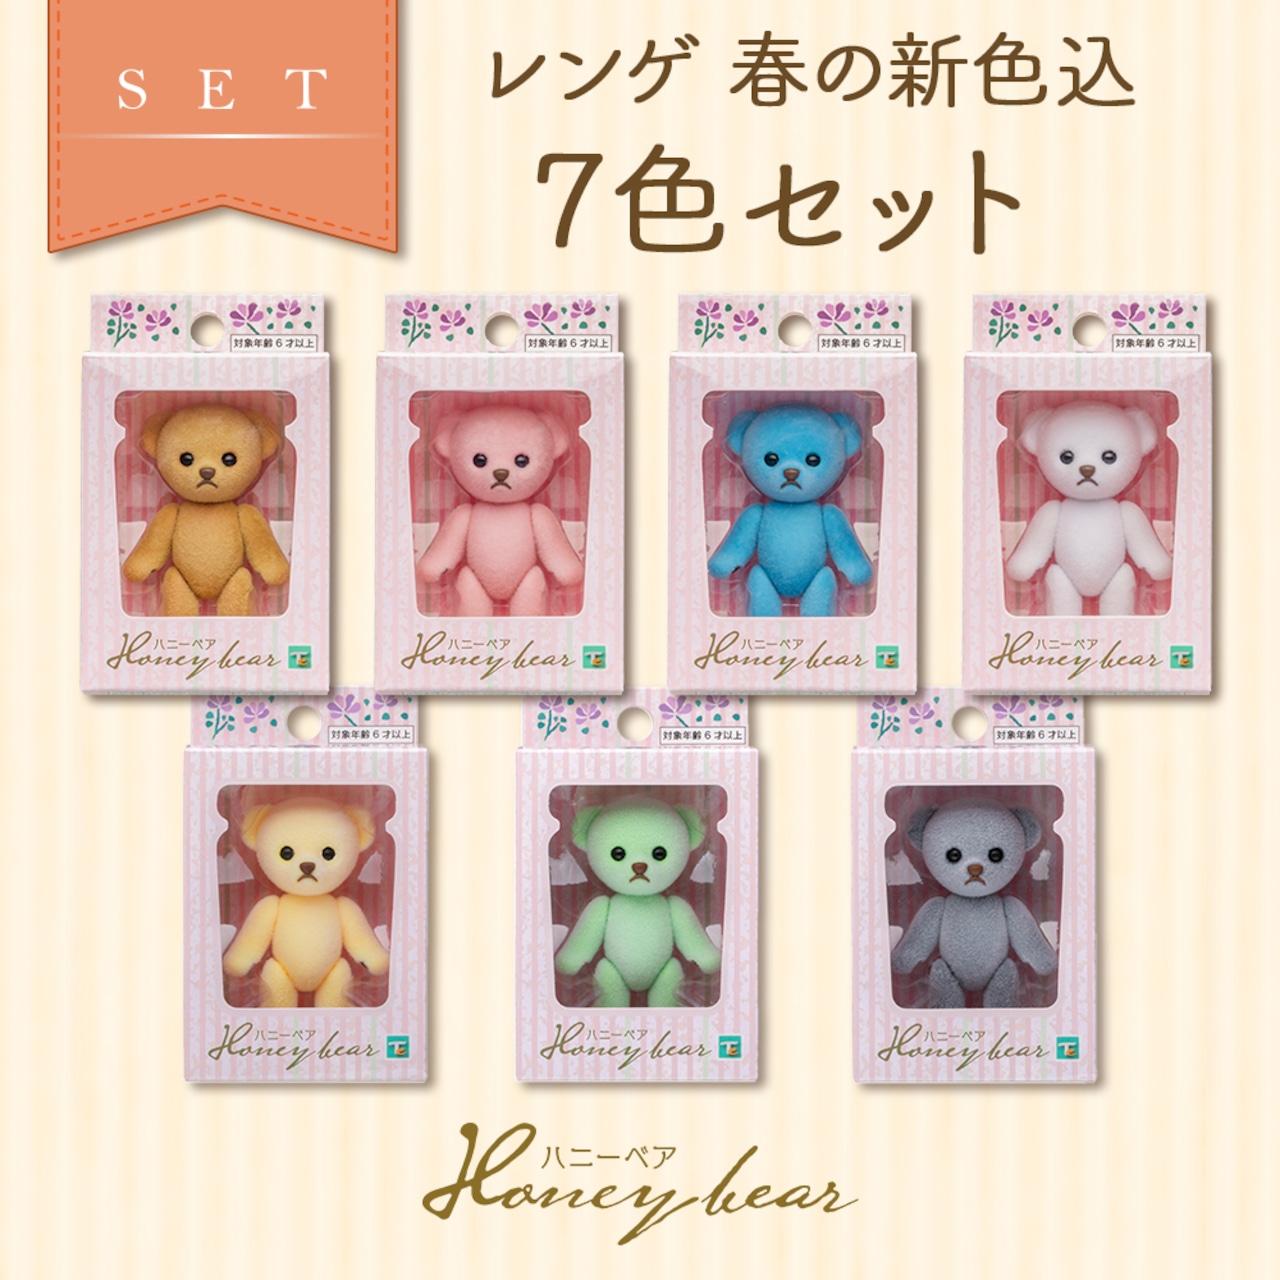 【セット商品】ハニーベア レンゲ 7色セット